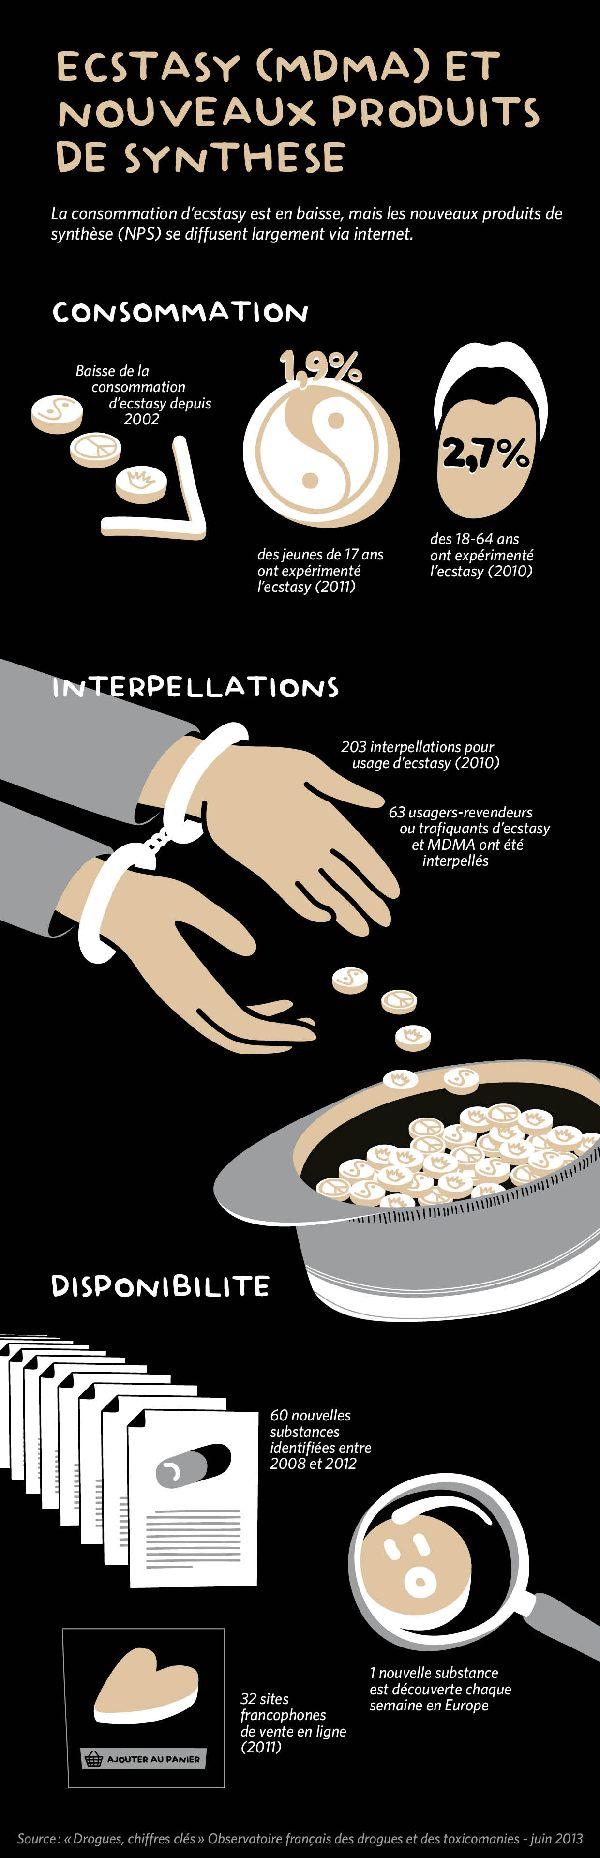 Chiffres clés de l'ecstasy et des nouveaux produits de synthèse - Drogues Info Service